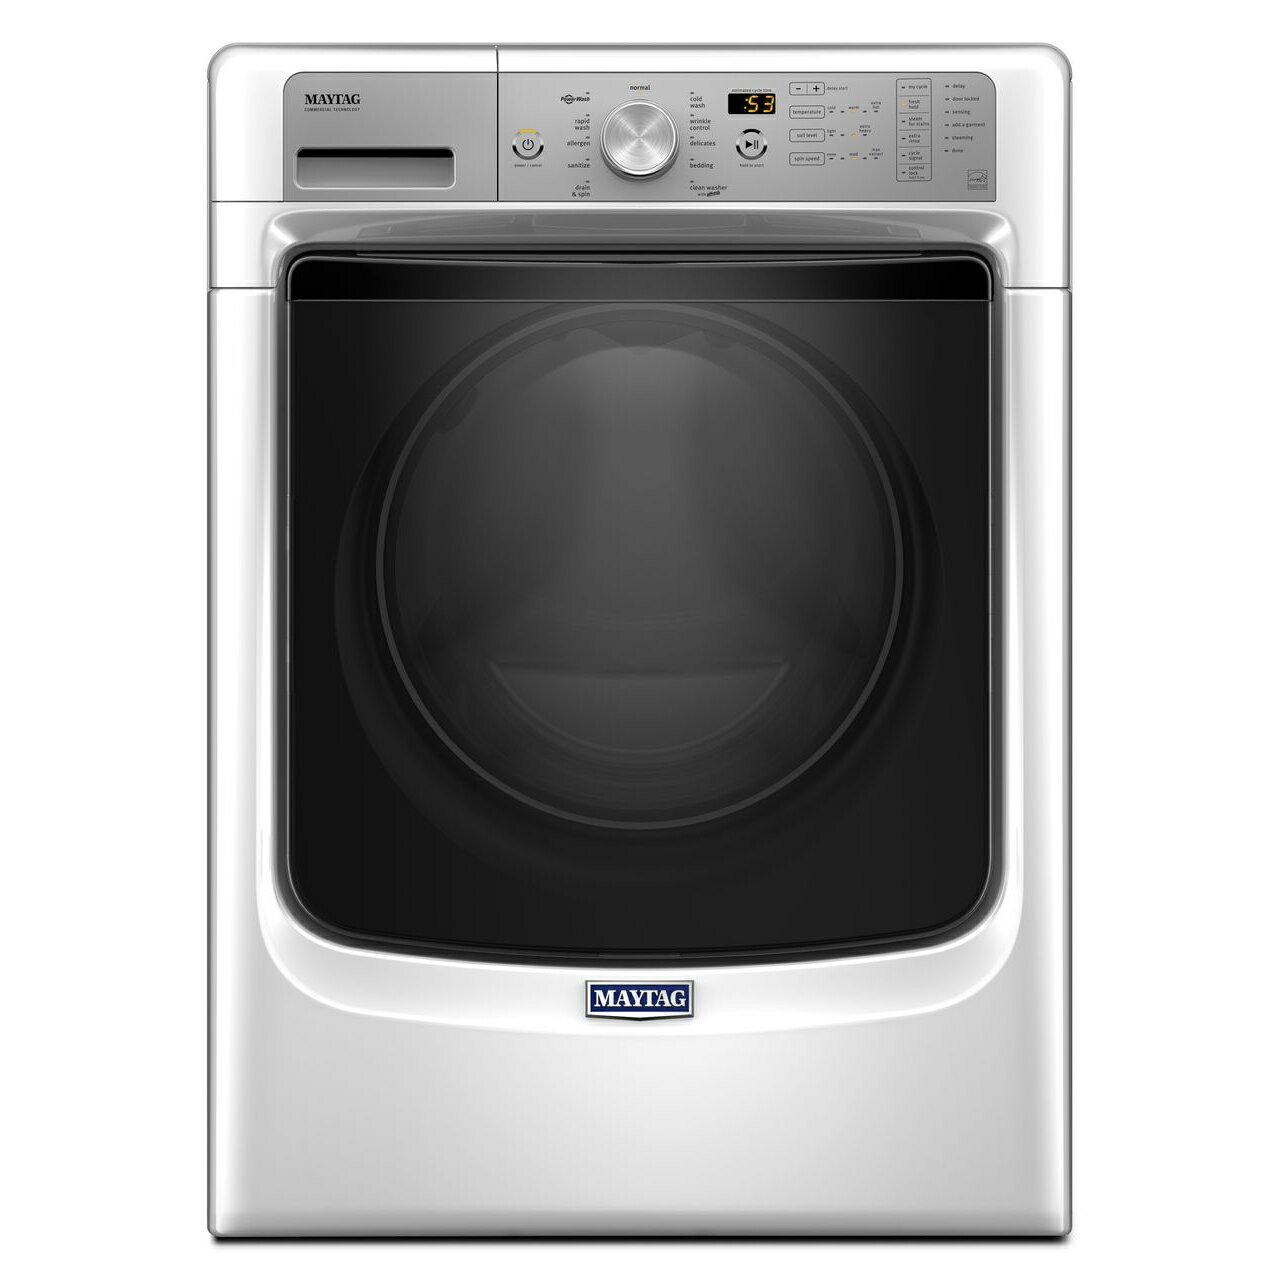 Maytag 美泰克 MHW5500FW  (滾筒) 白泰 洗衣機美製 15kg